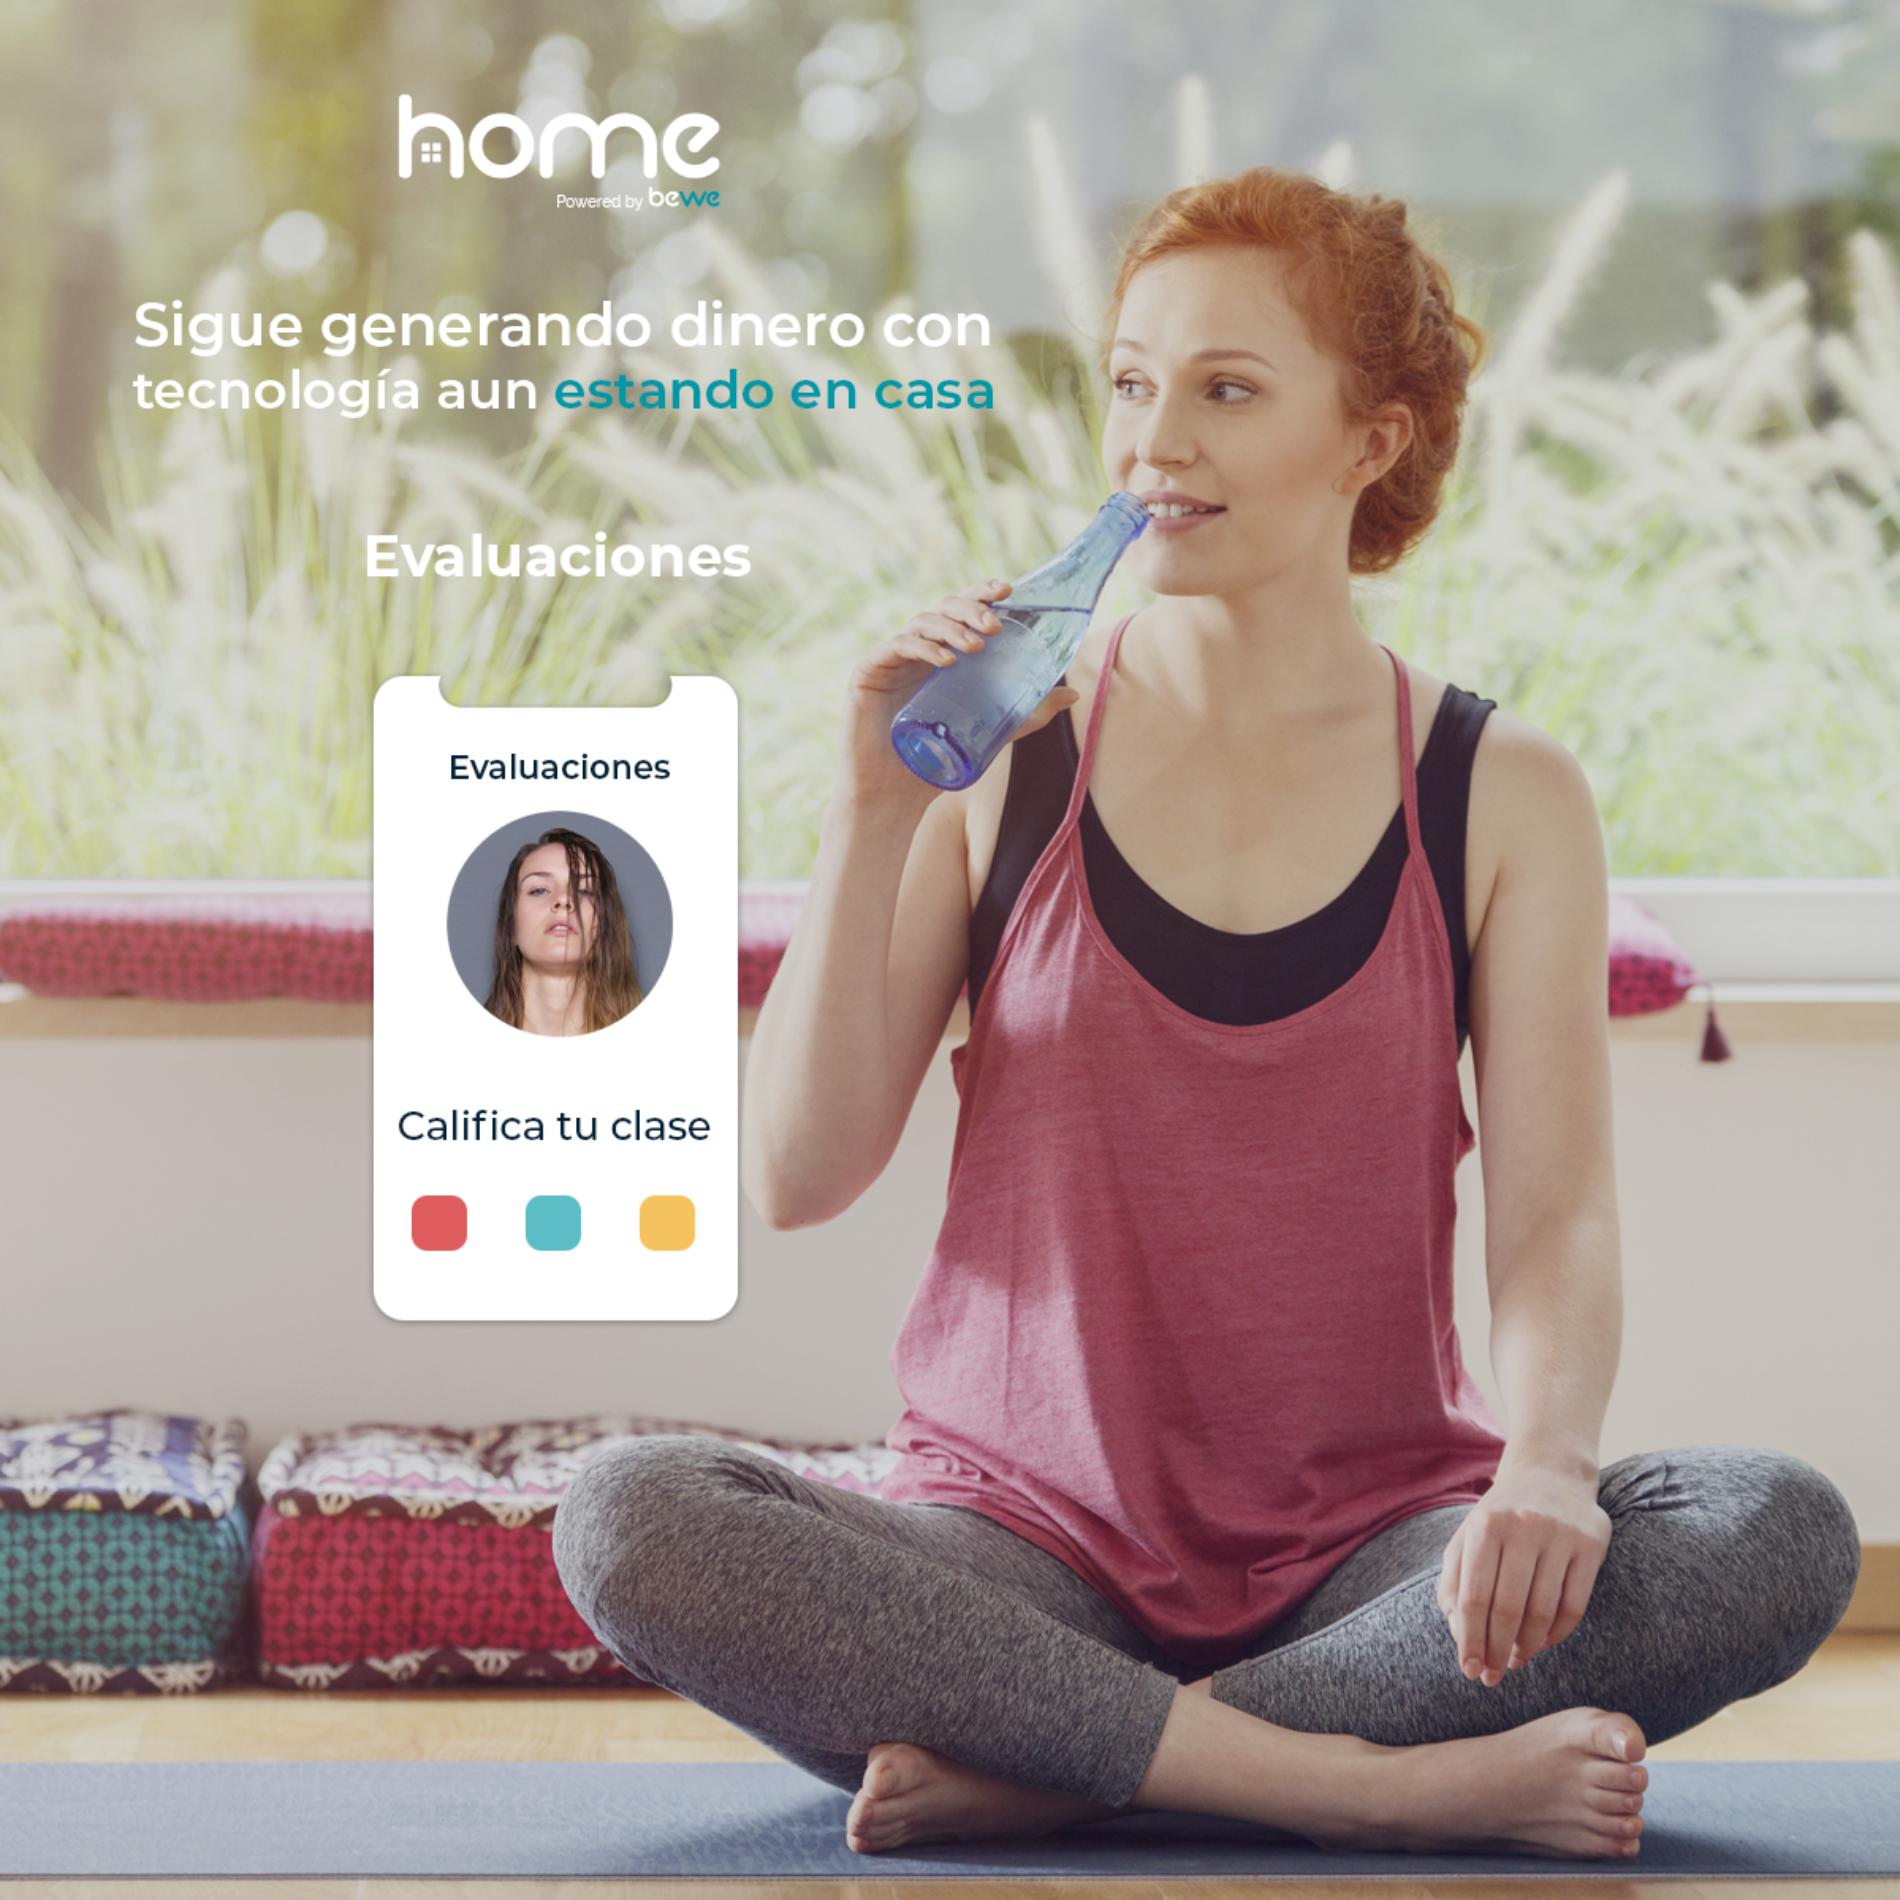 Bewe Home, una app para pymes en la industria de la belleza